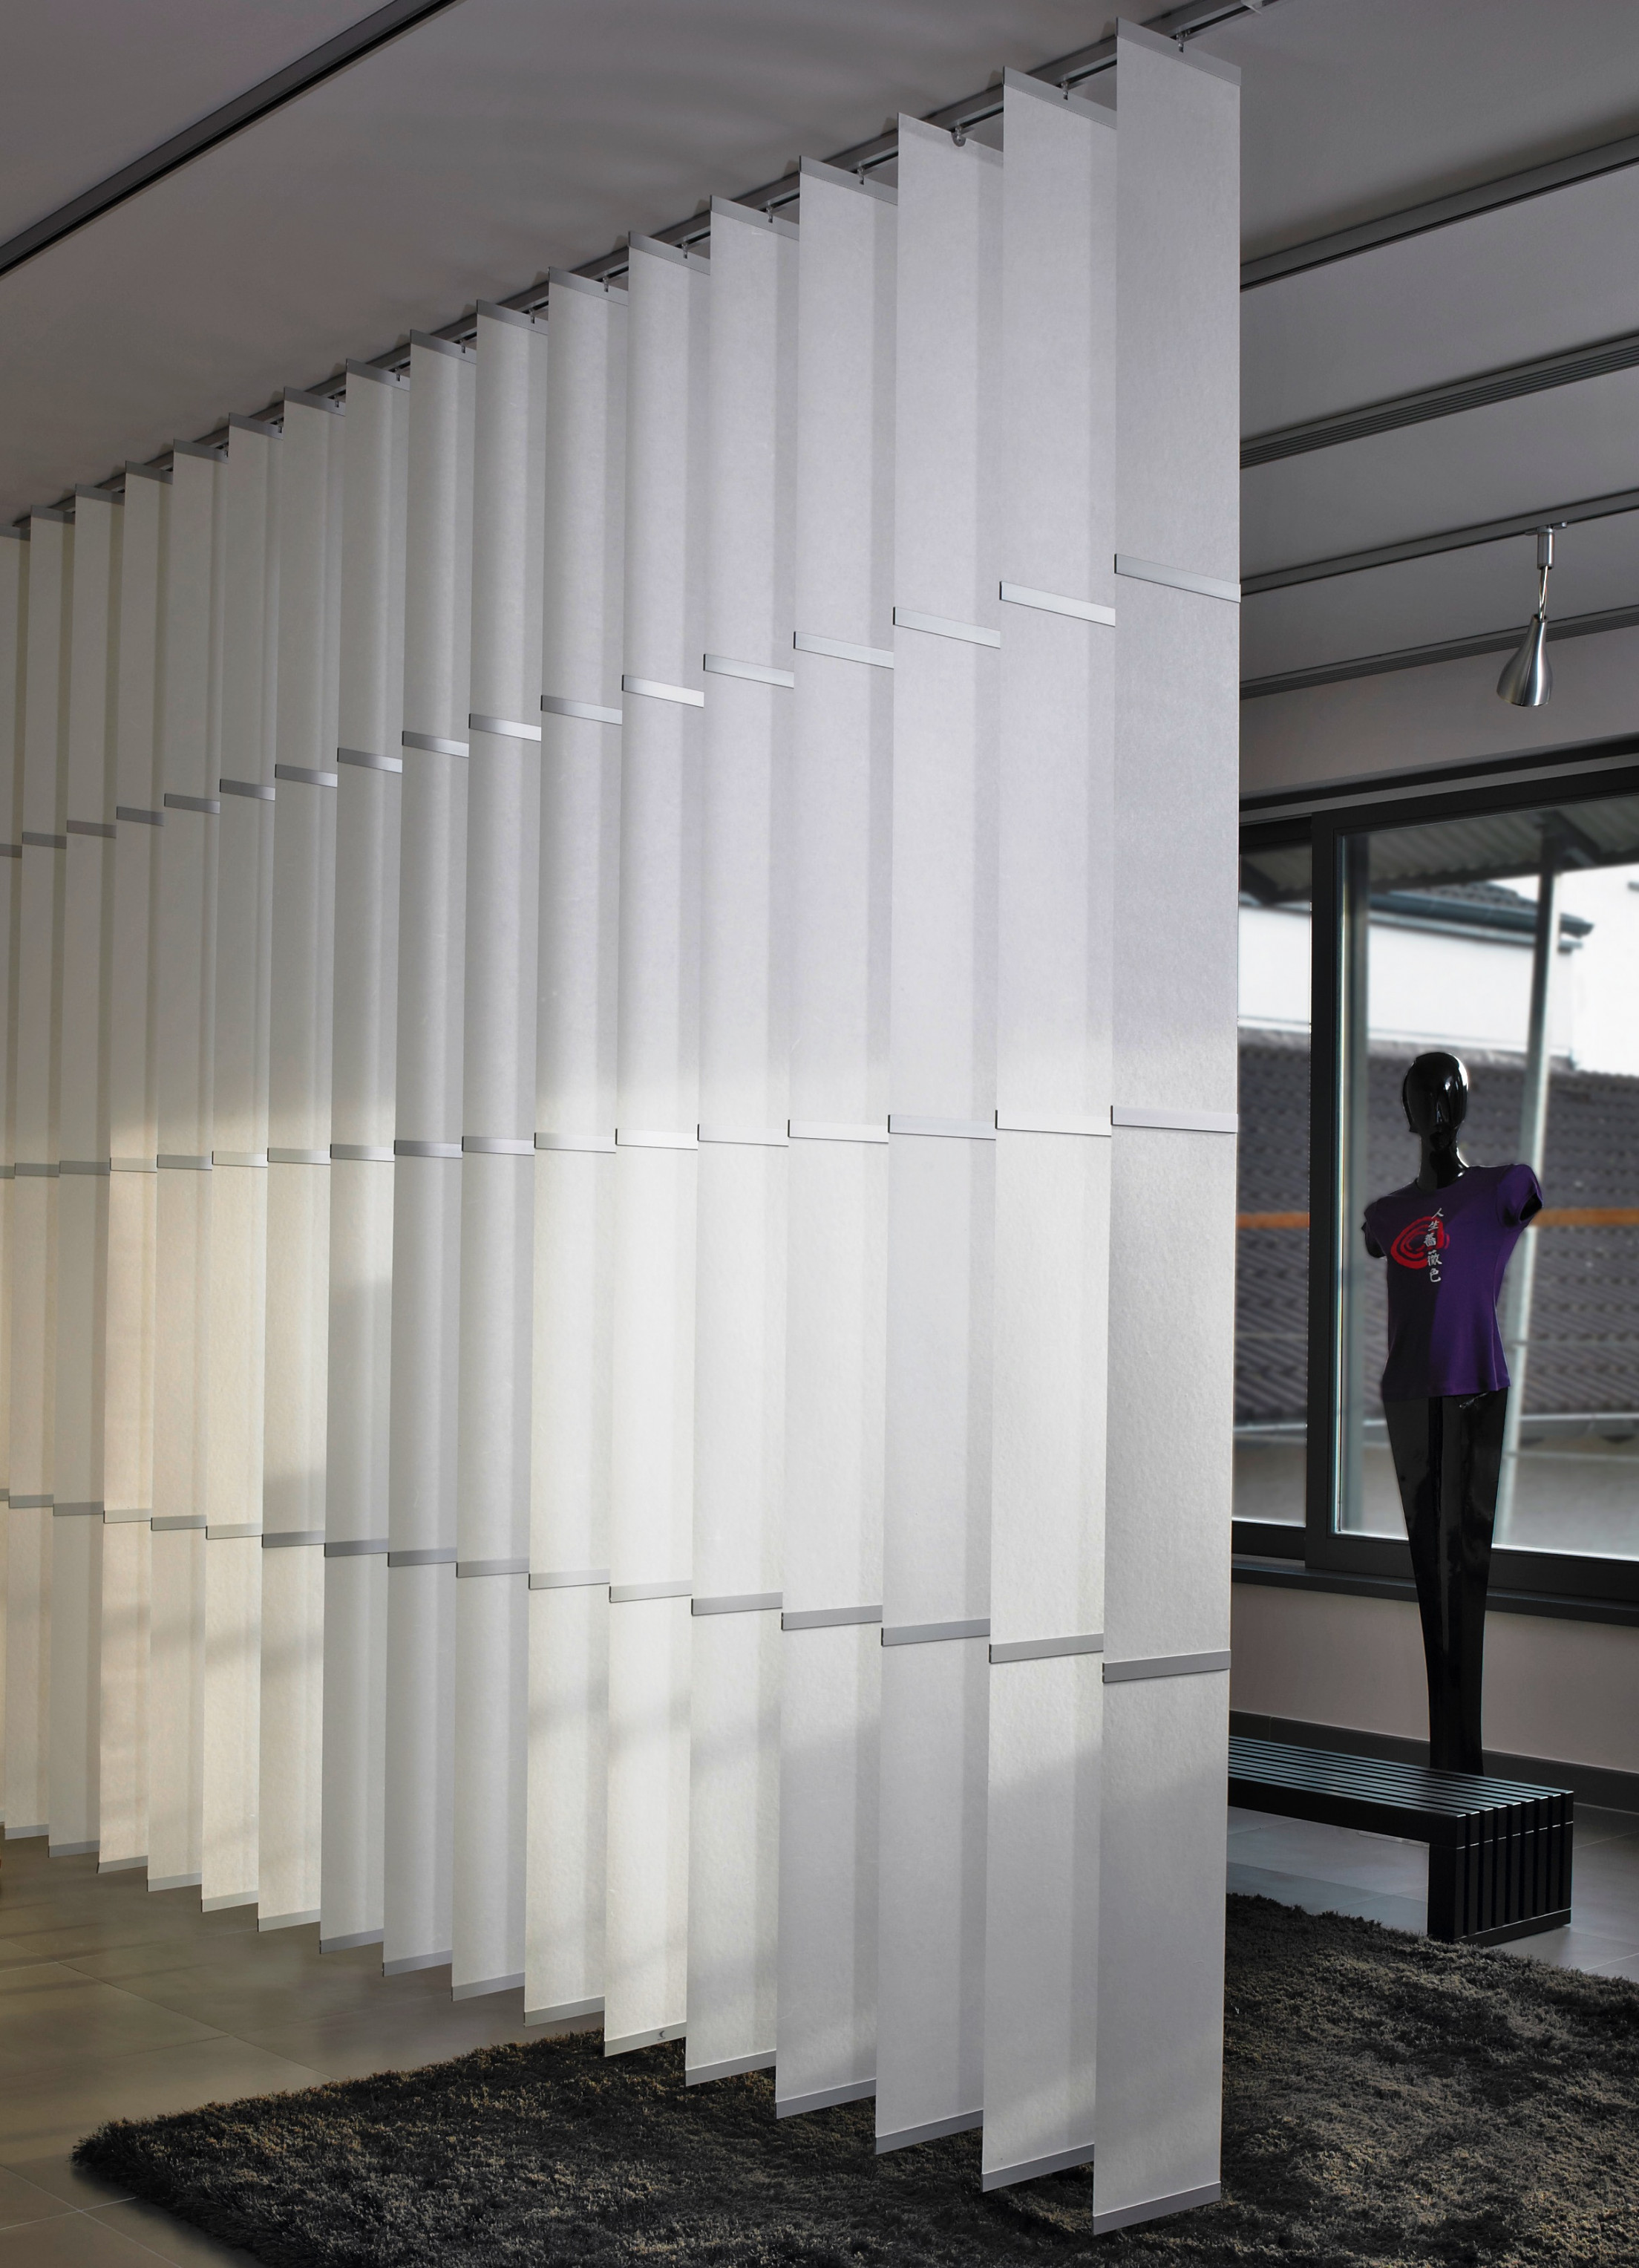 verticale-lamellen-bodecor-1.jpg Verticale lamellen